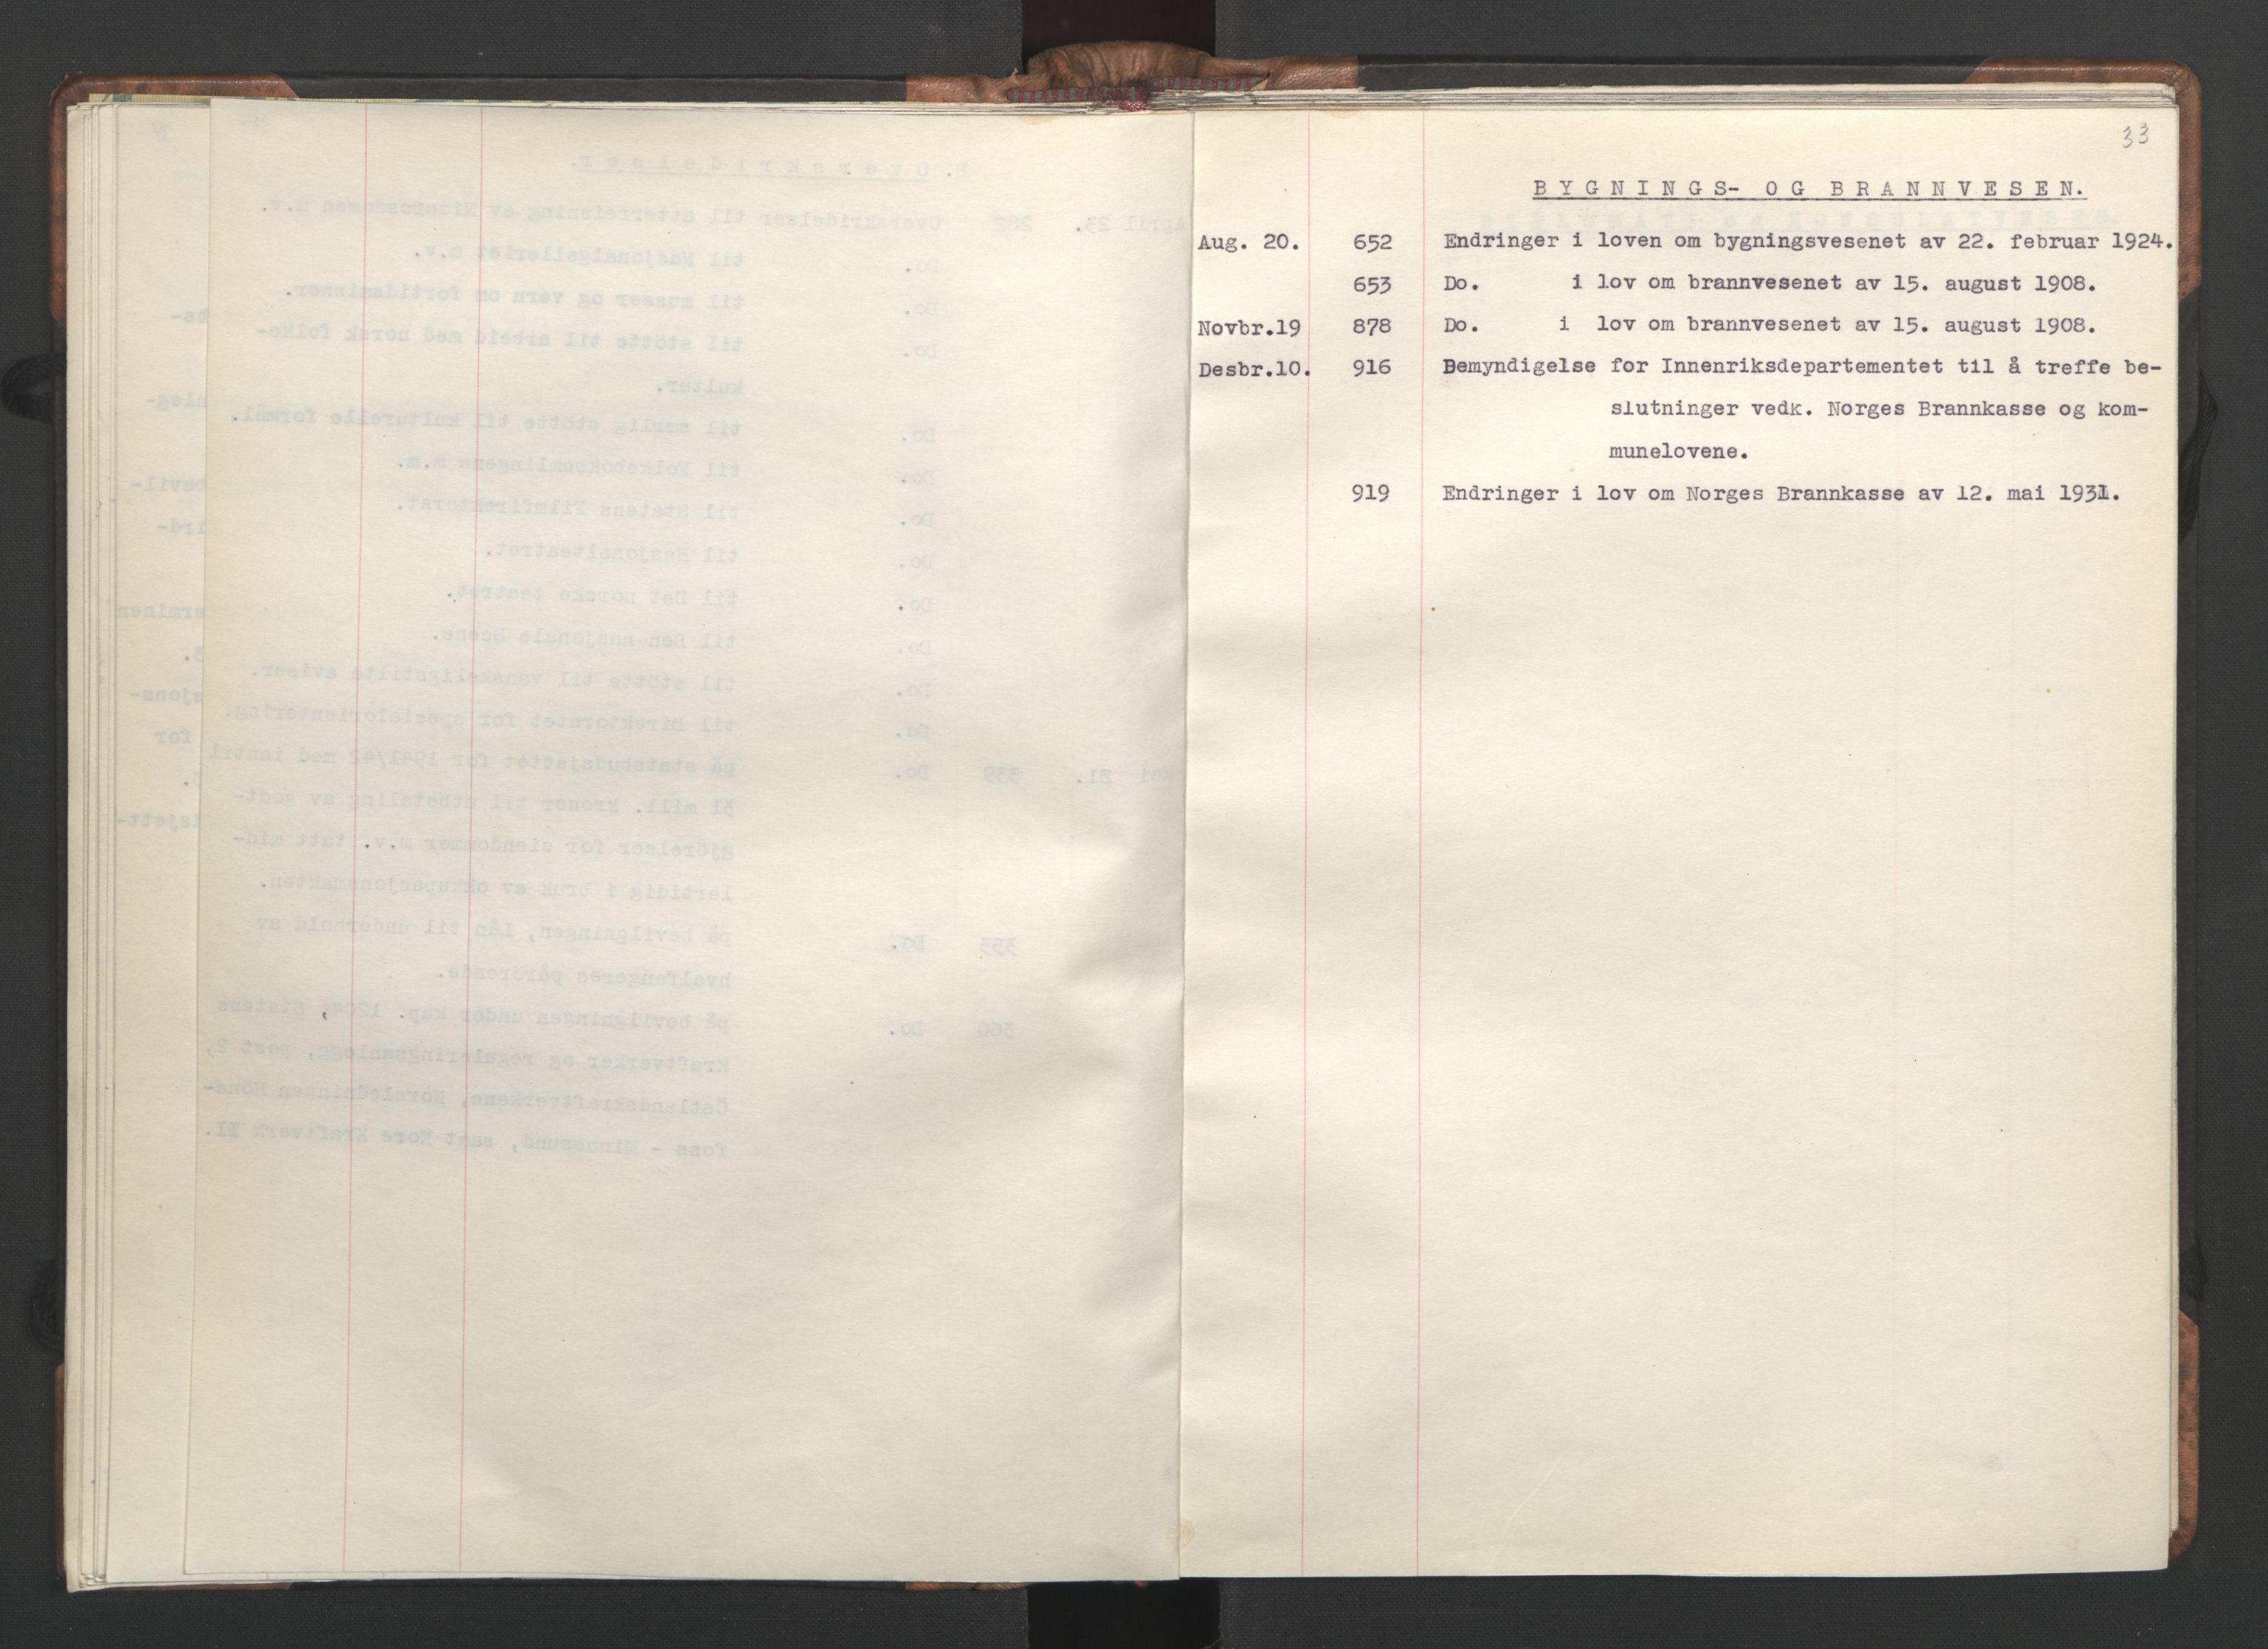 RA, NS-administrasjonen 1940-1945 (Statsrådsekretariatet, de kommisariske statsråder mm), D/Da/L0002: Register (RA j.nr. 985/1943, tilgangsnr. 17/1943), 1942, s. 32b-33a